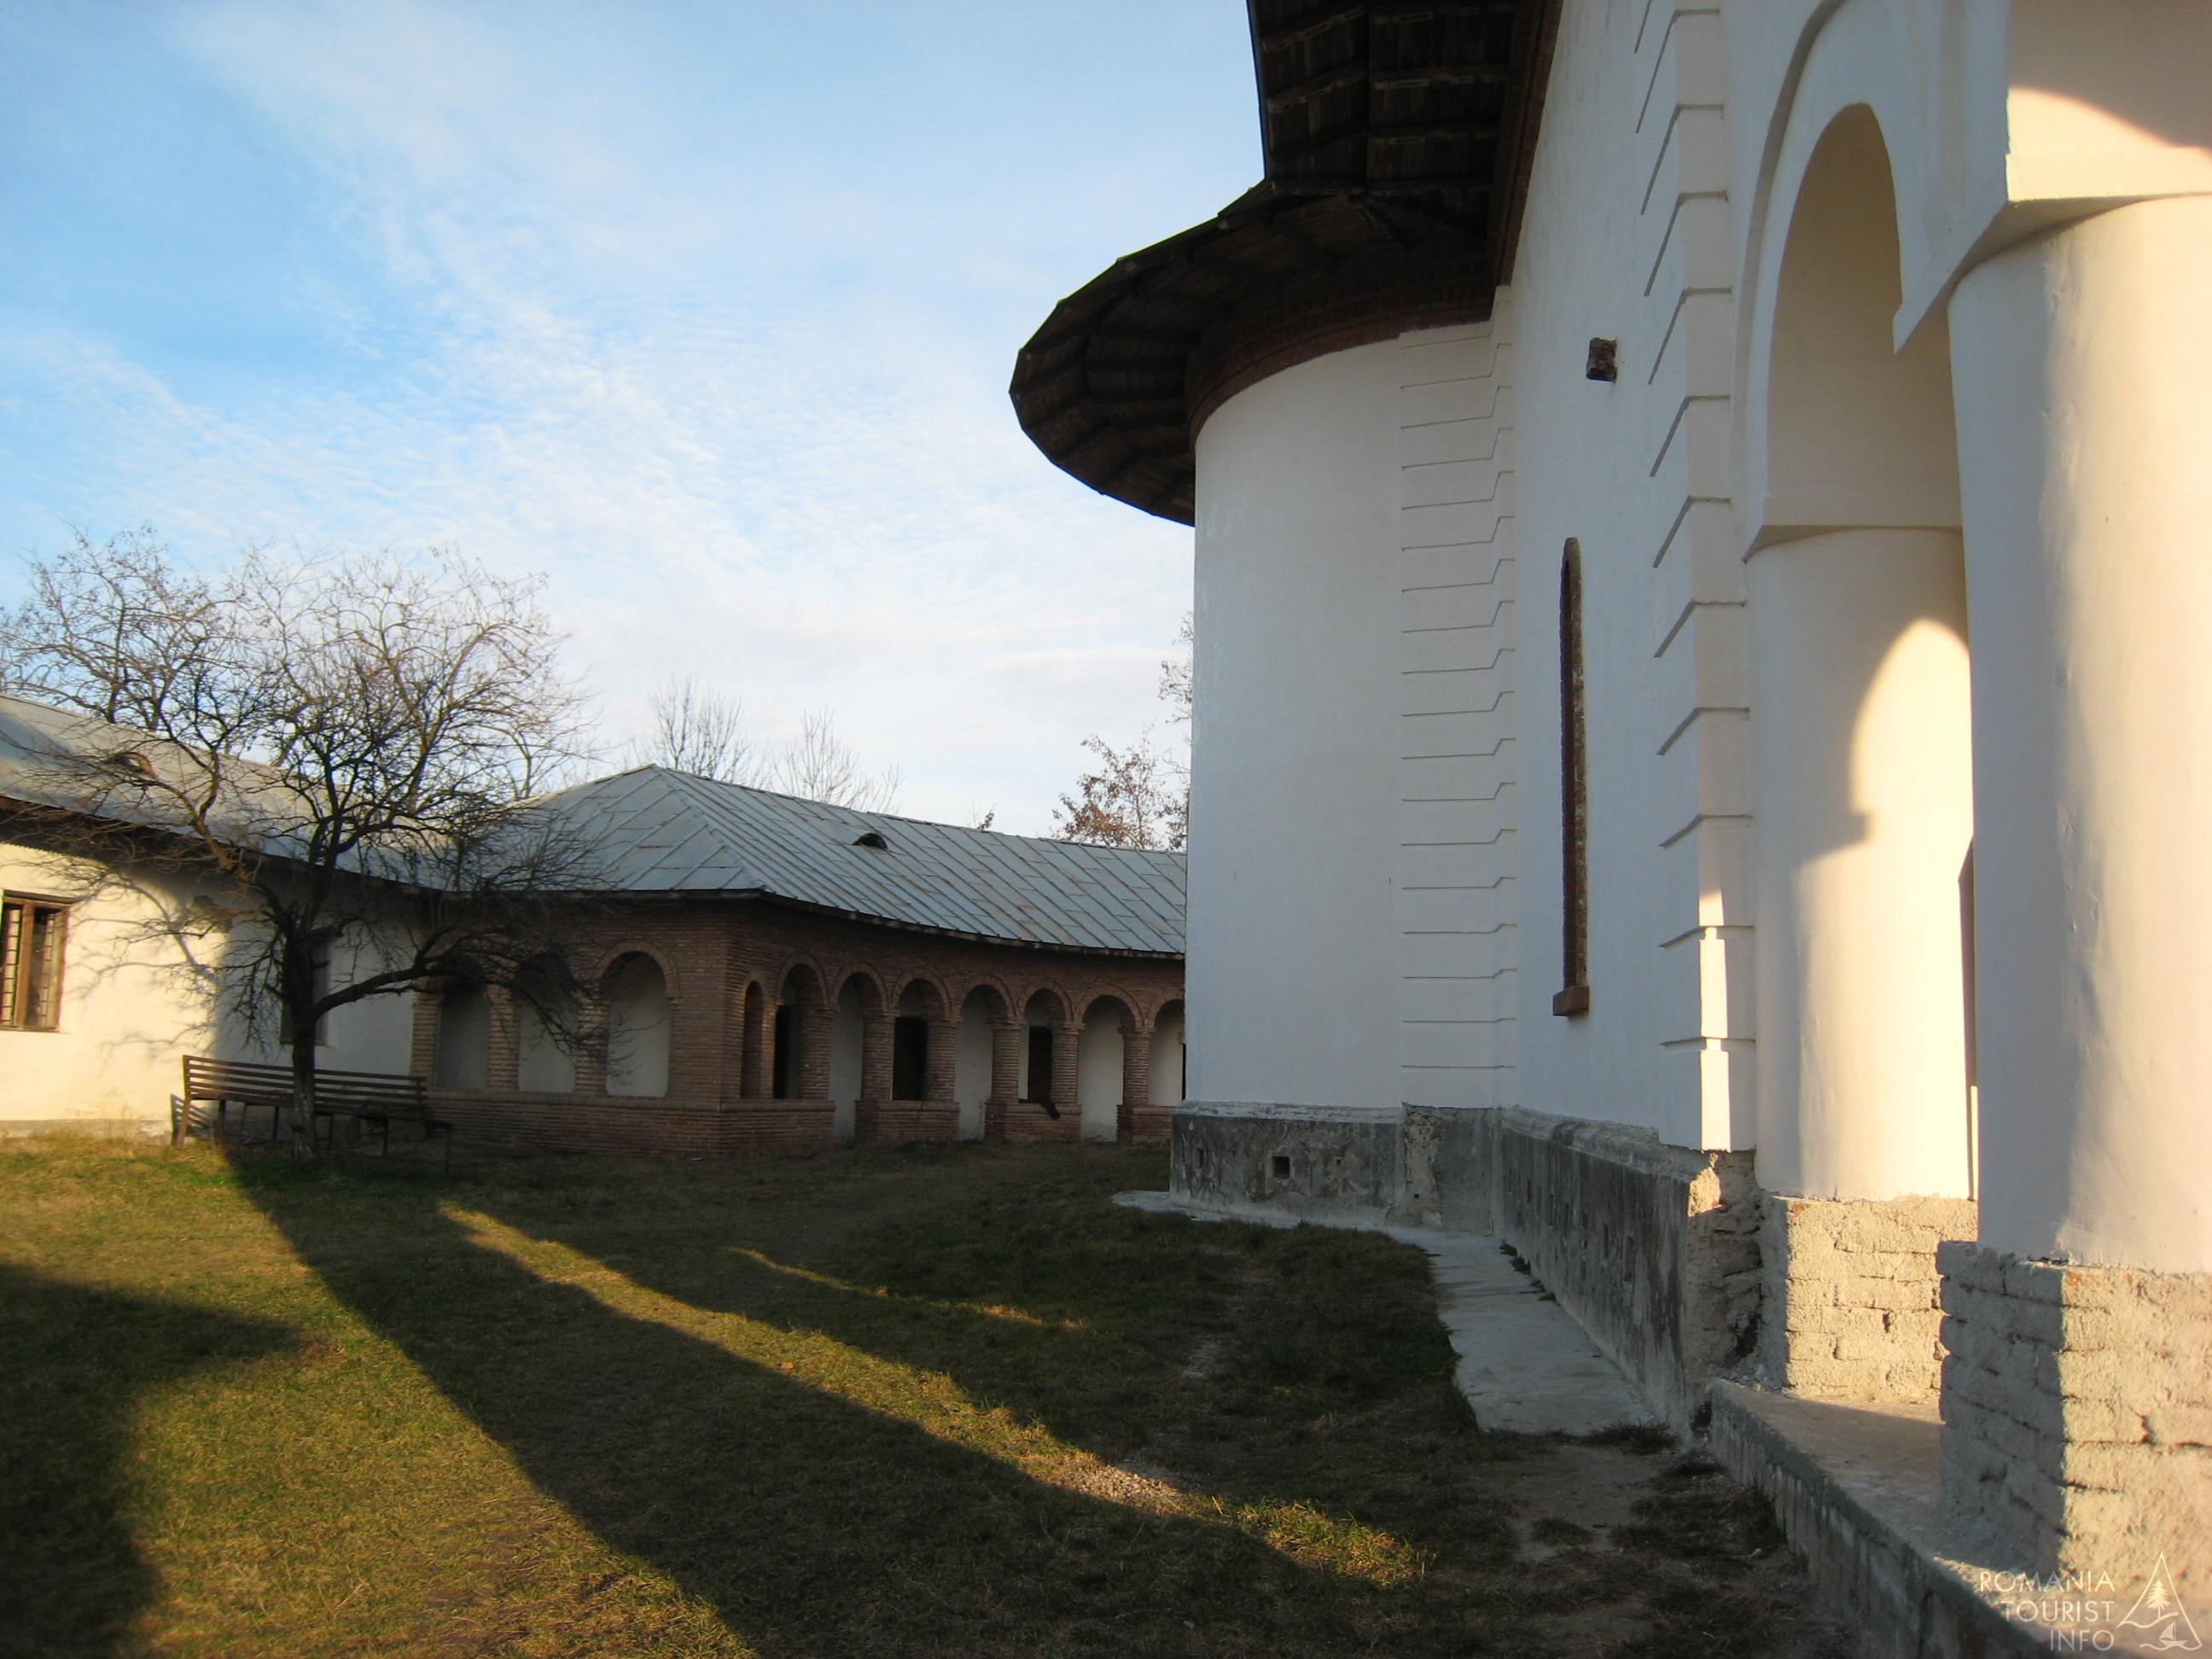 peretele-nordic-al-bisericii-manastirea-glavacioc-847u4664--fullres.jpg